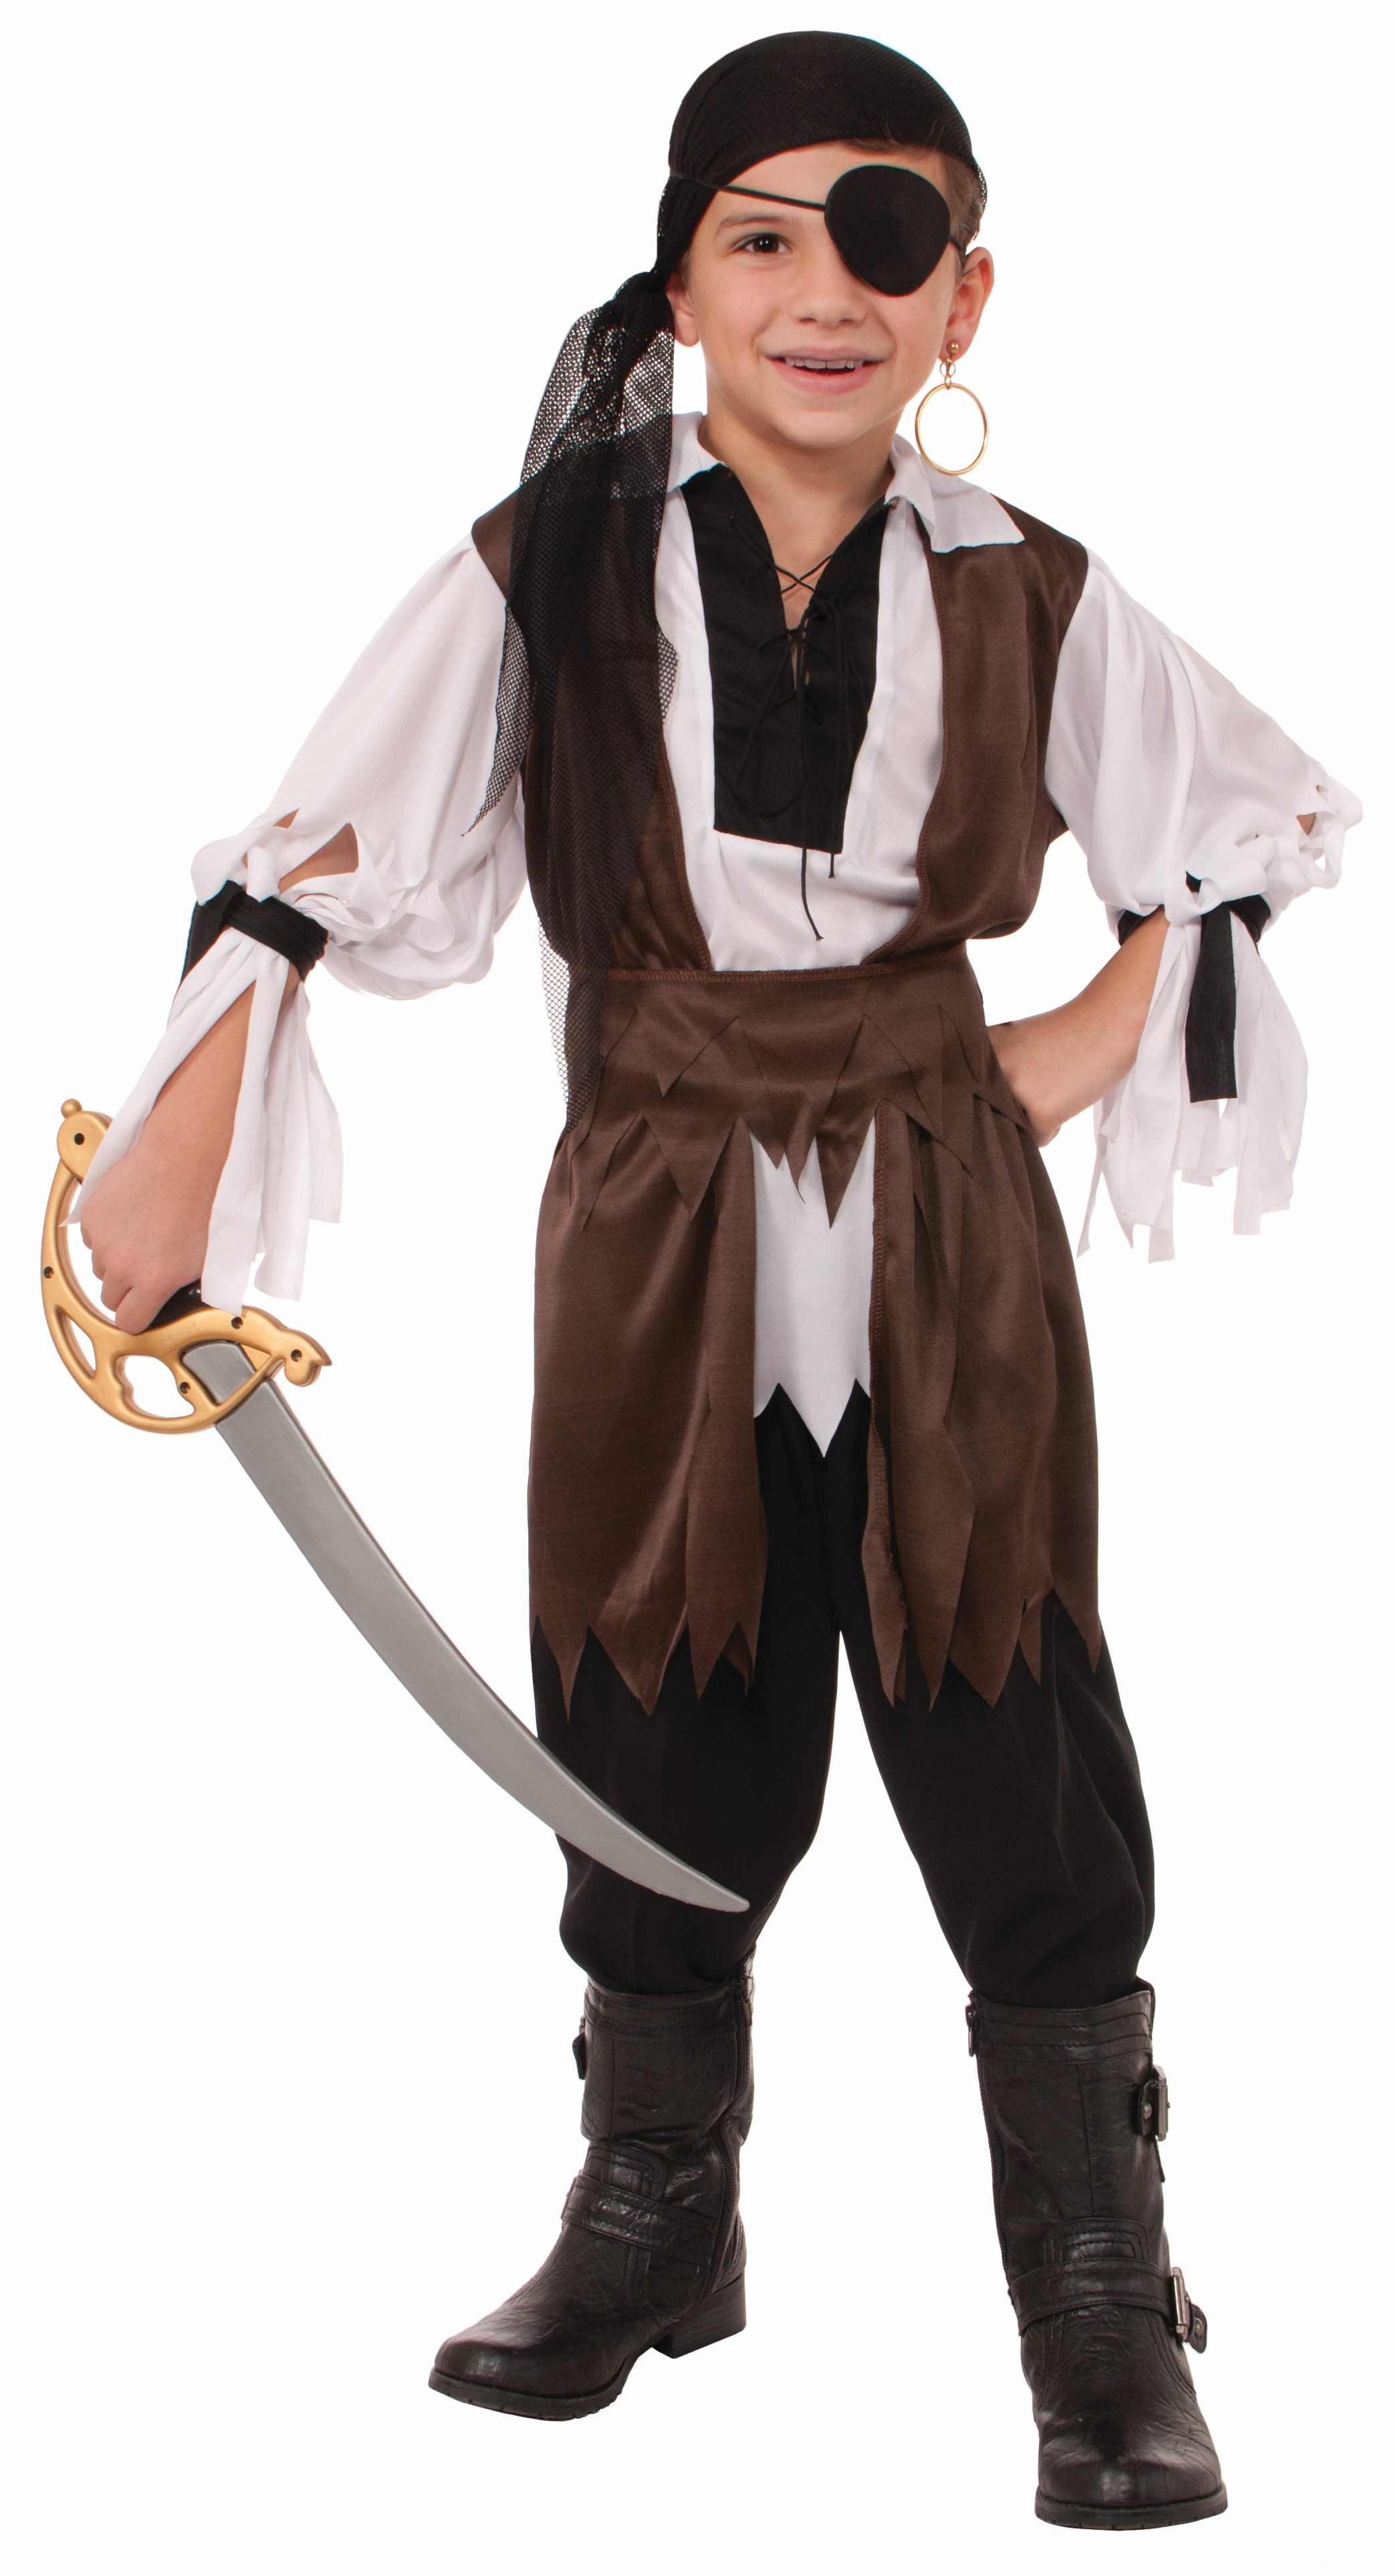 купить Детский костюм пирата с банданой (38-40) недорого